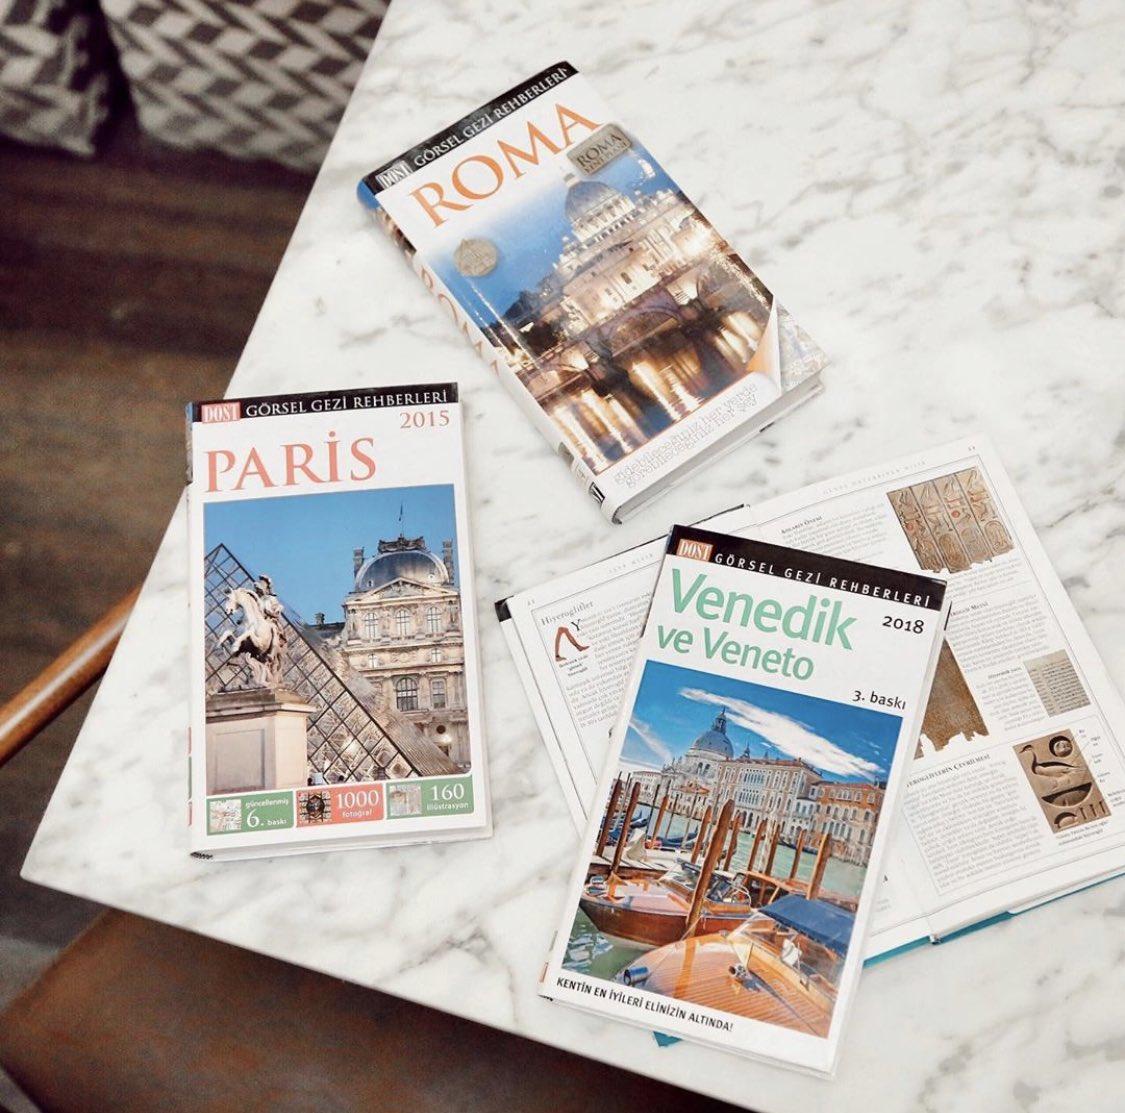 Paris, Venedik, Roma…İstediğiniz seyahat rotaları için rehber kitaplar Gordion Ada Kitabevi'nde!☺️📚 #gordionlife #gordiongibisiyok https://t.co/0Z0OkKxXIT